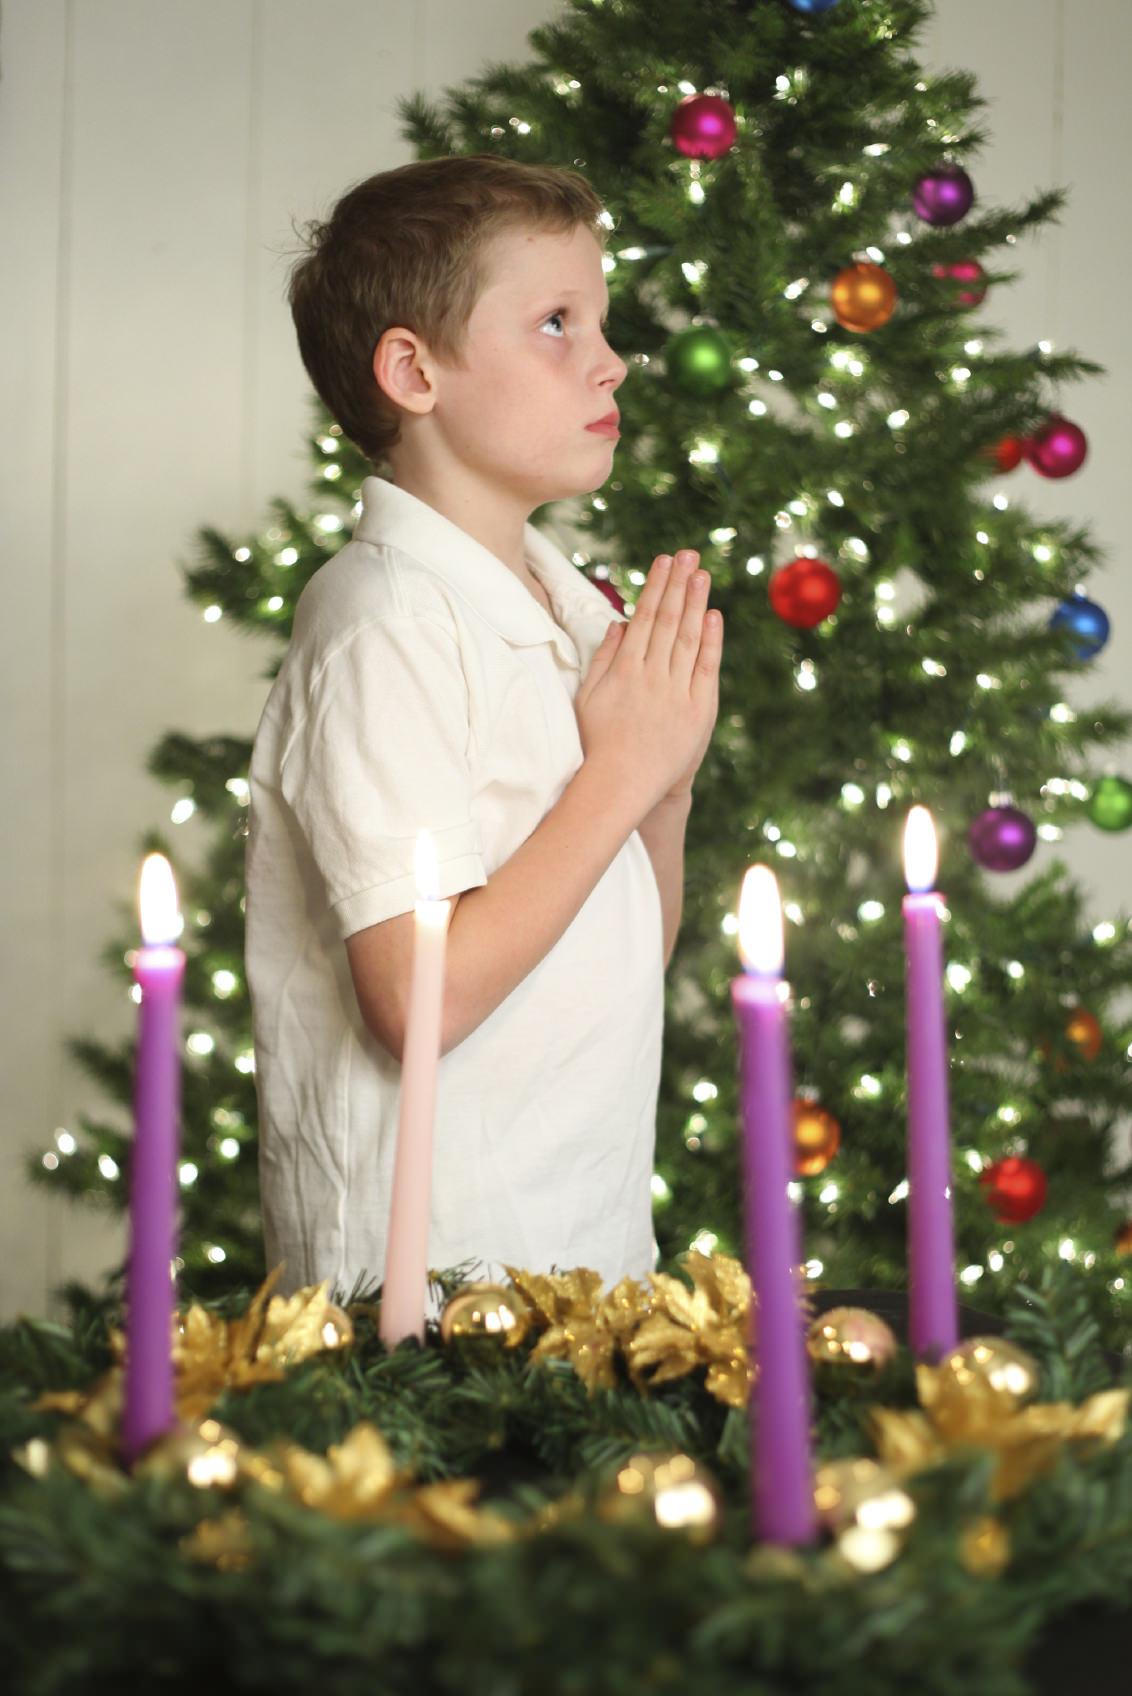 christmas boy praying